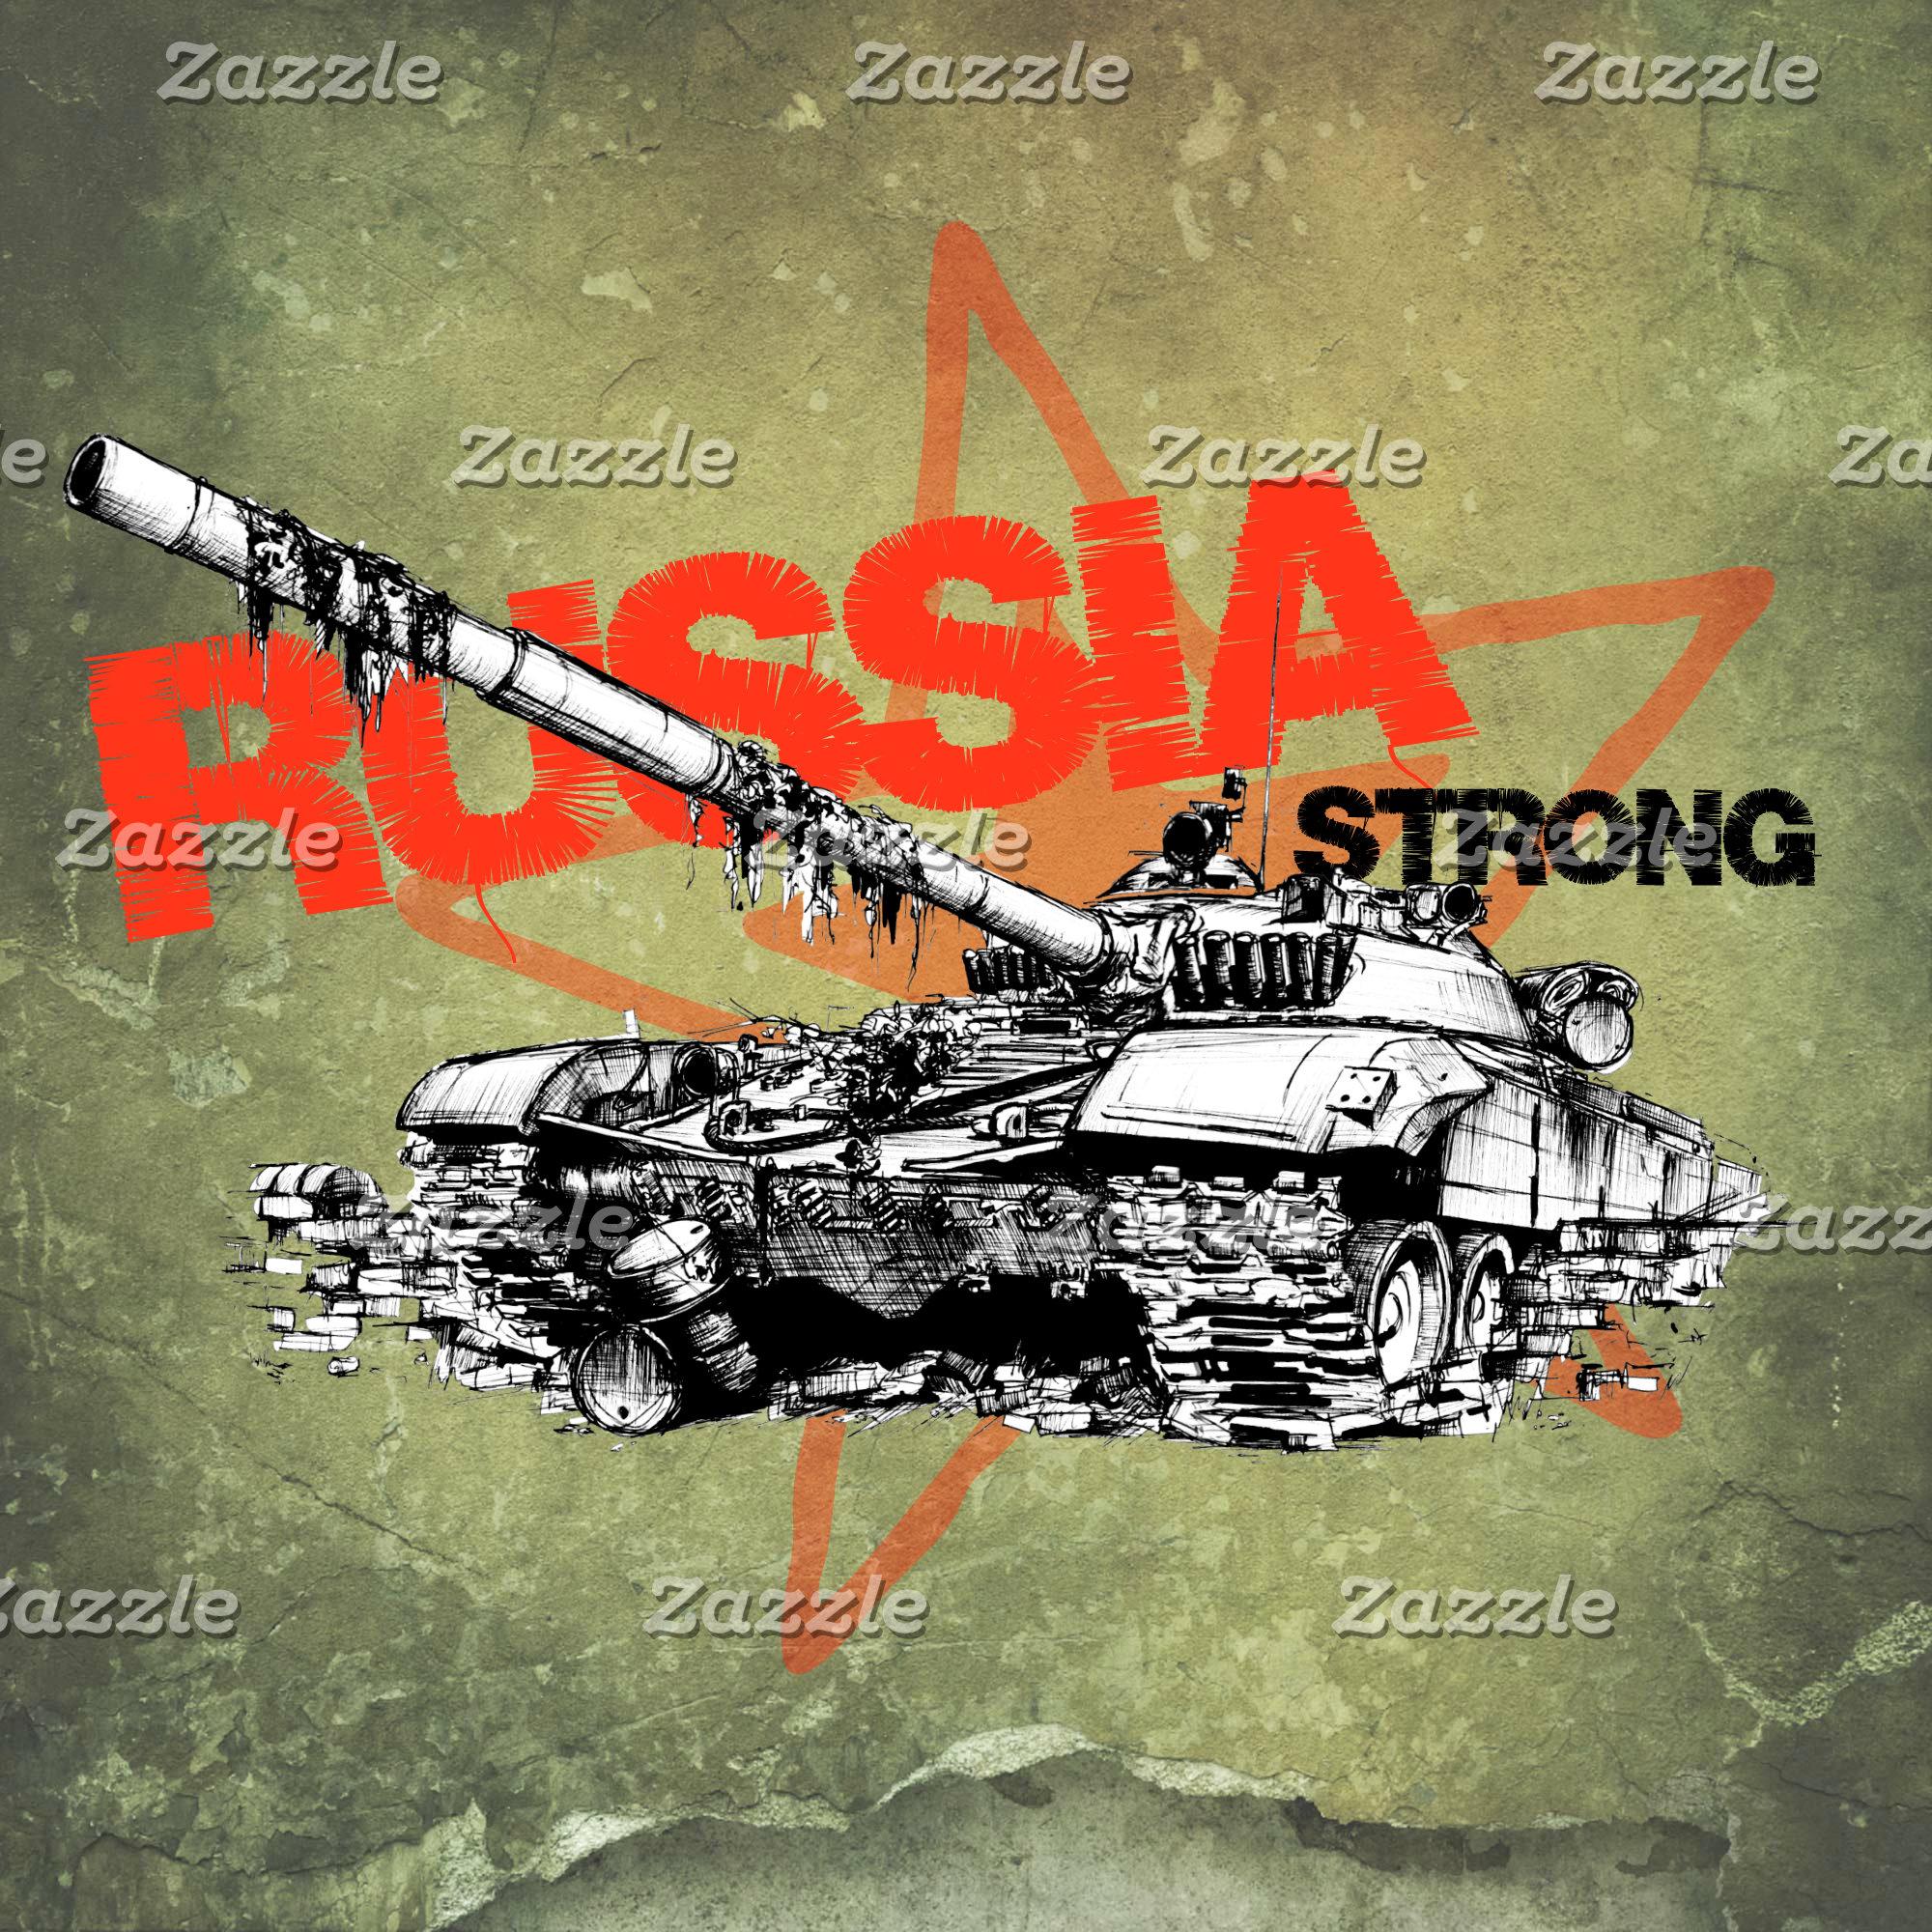 T-72 Russian Main Battle Tank